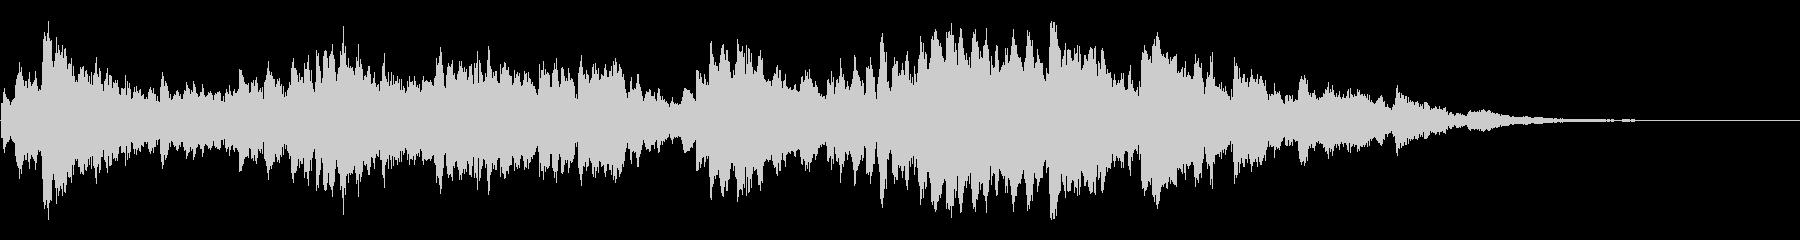 怪しい雰囲気のオルゴール曲の未再生の波形